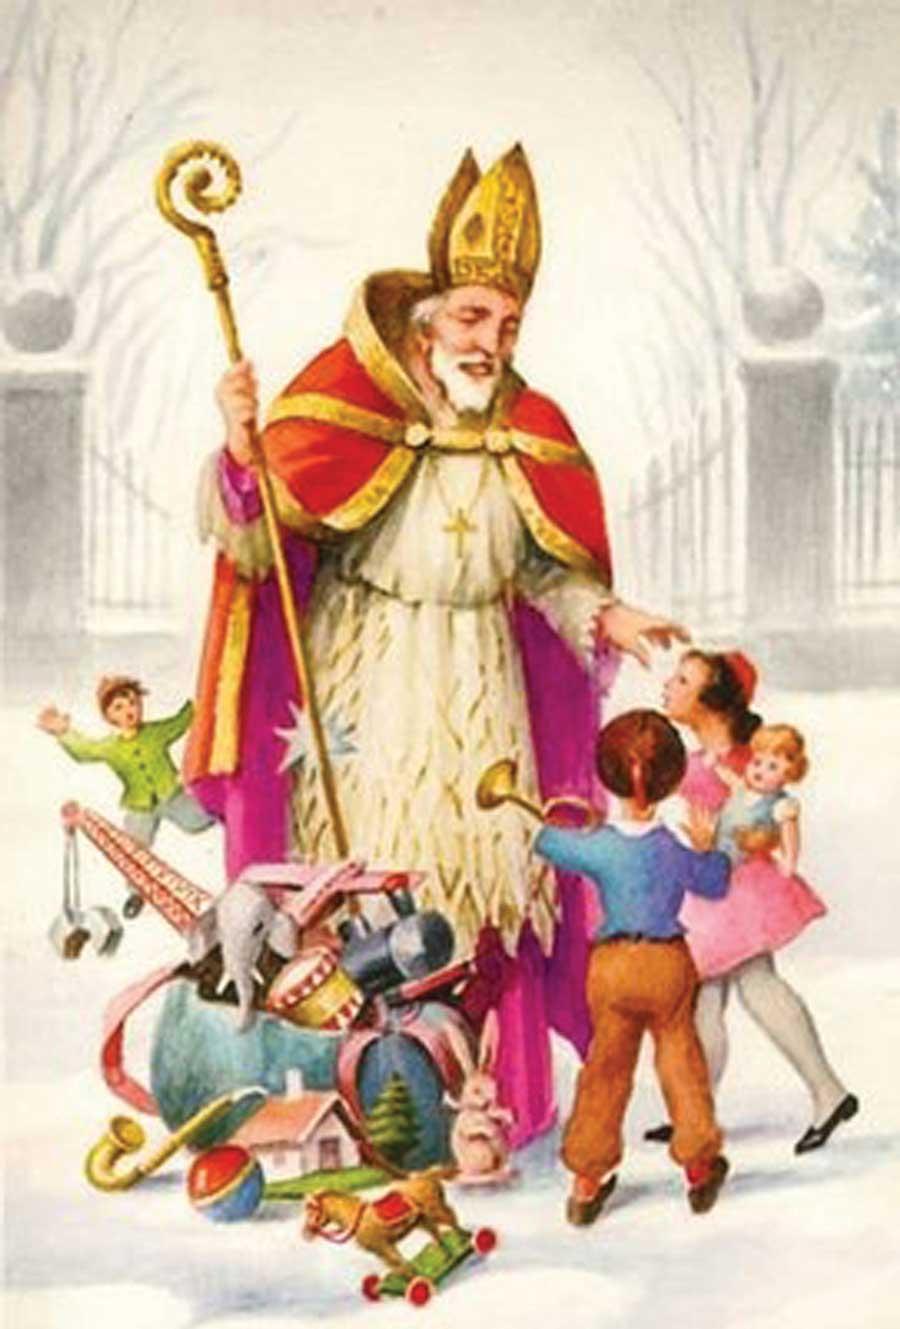 Kết quả hình ảnh cho saint nicolas et père fouettard